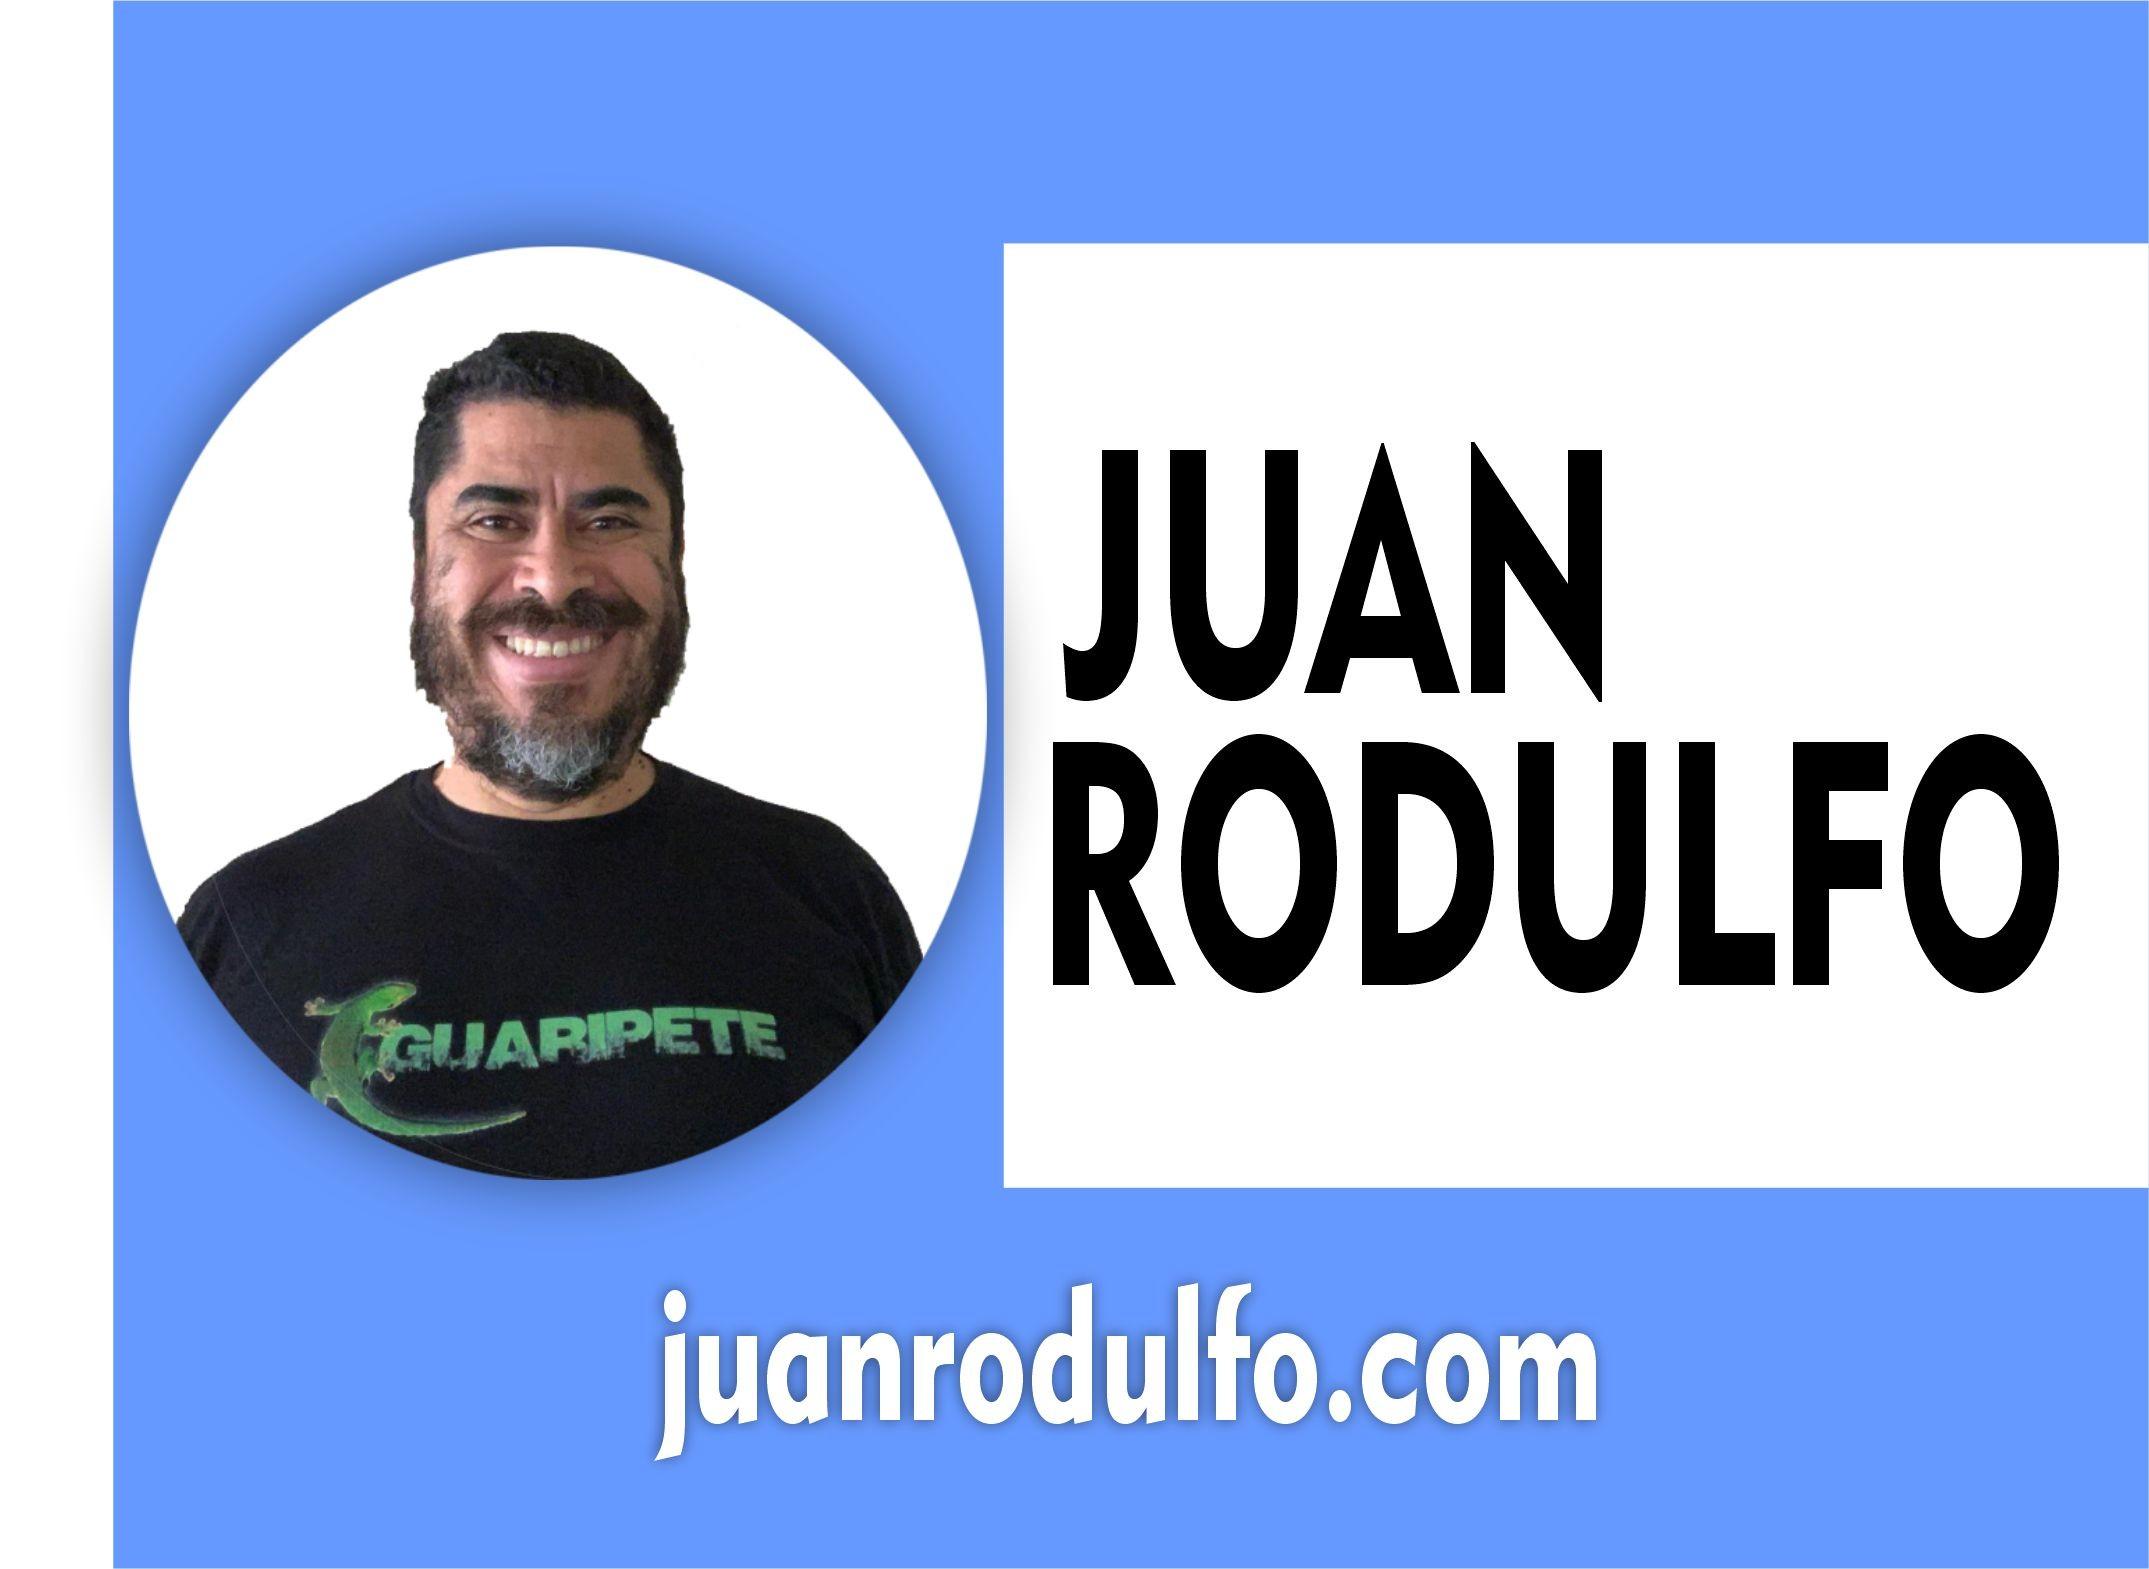 Juan Rodulfo Venezuelan Writer